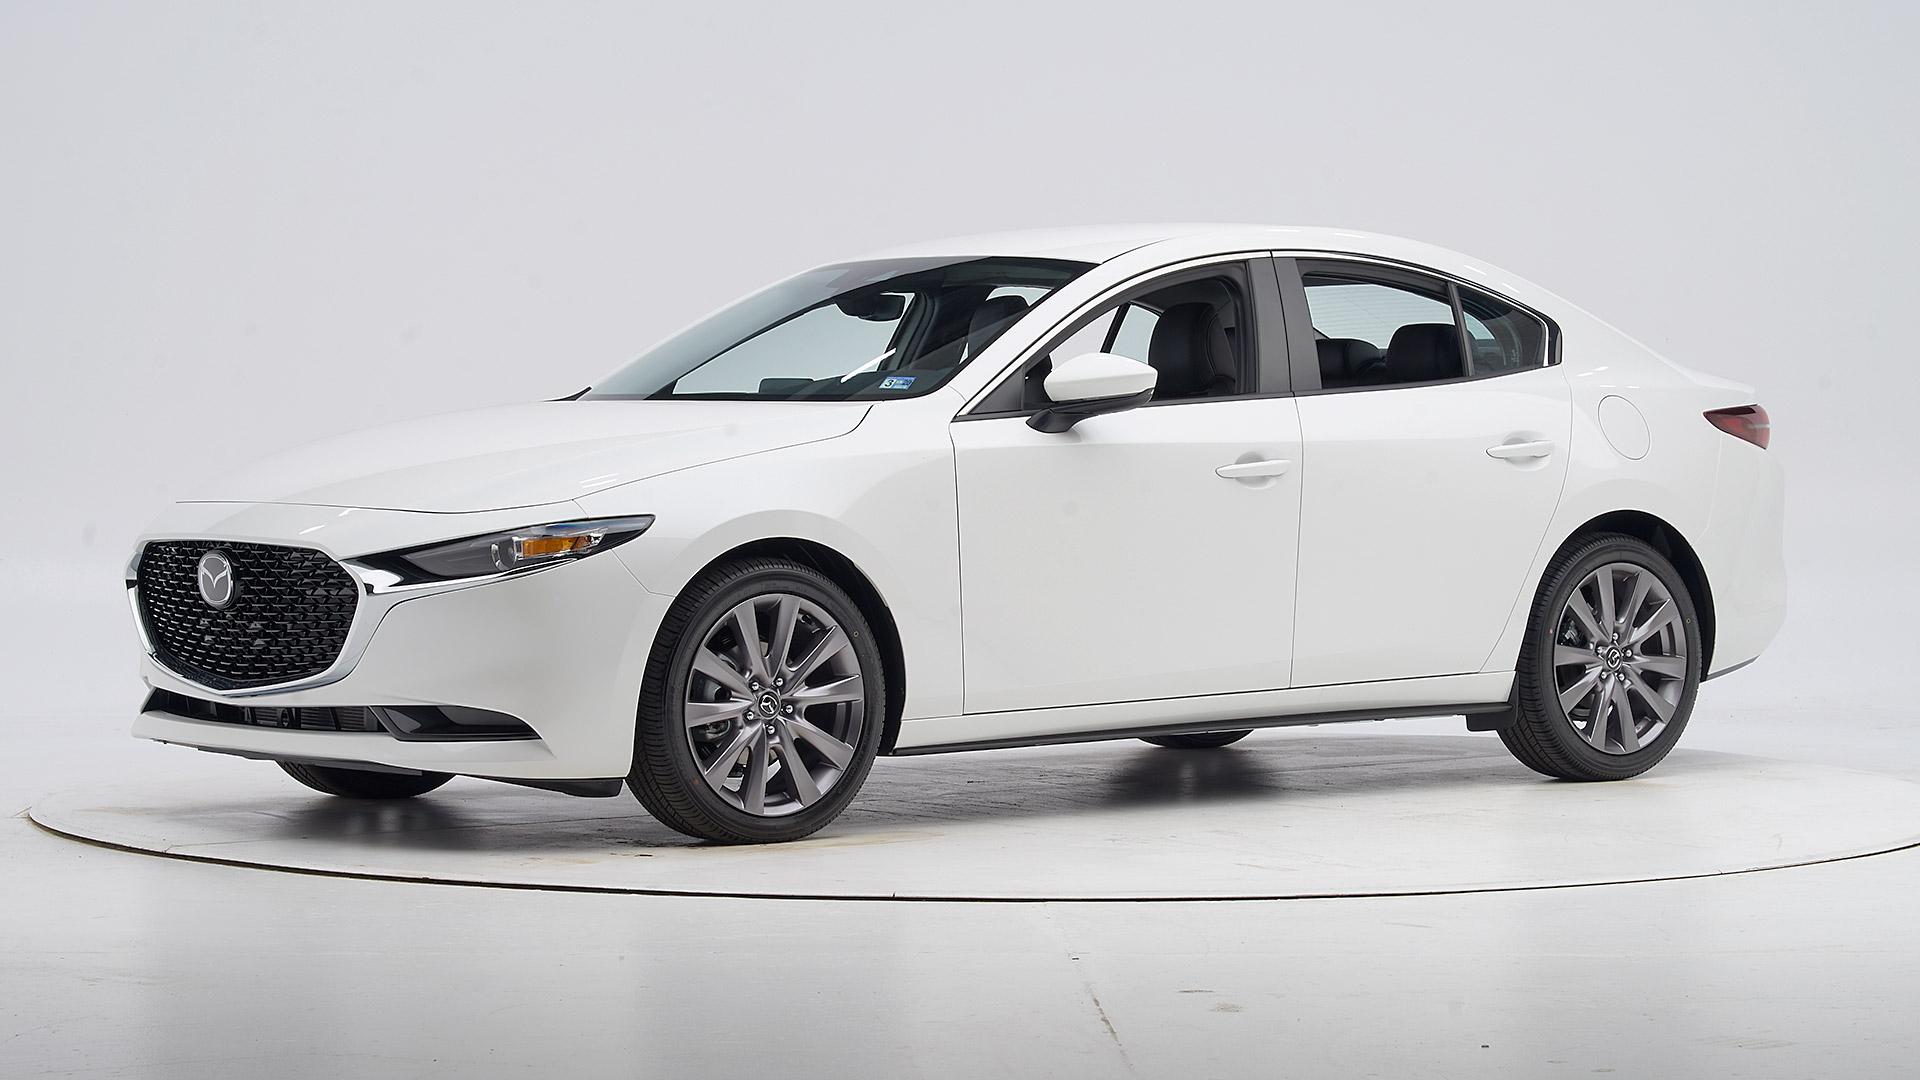 Kelebihan Kekurangan Mazda 3 Sedan 2019 Murah Berkualitas